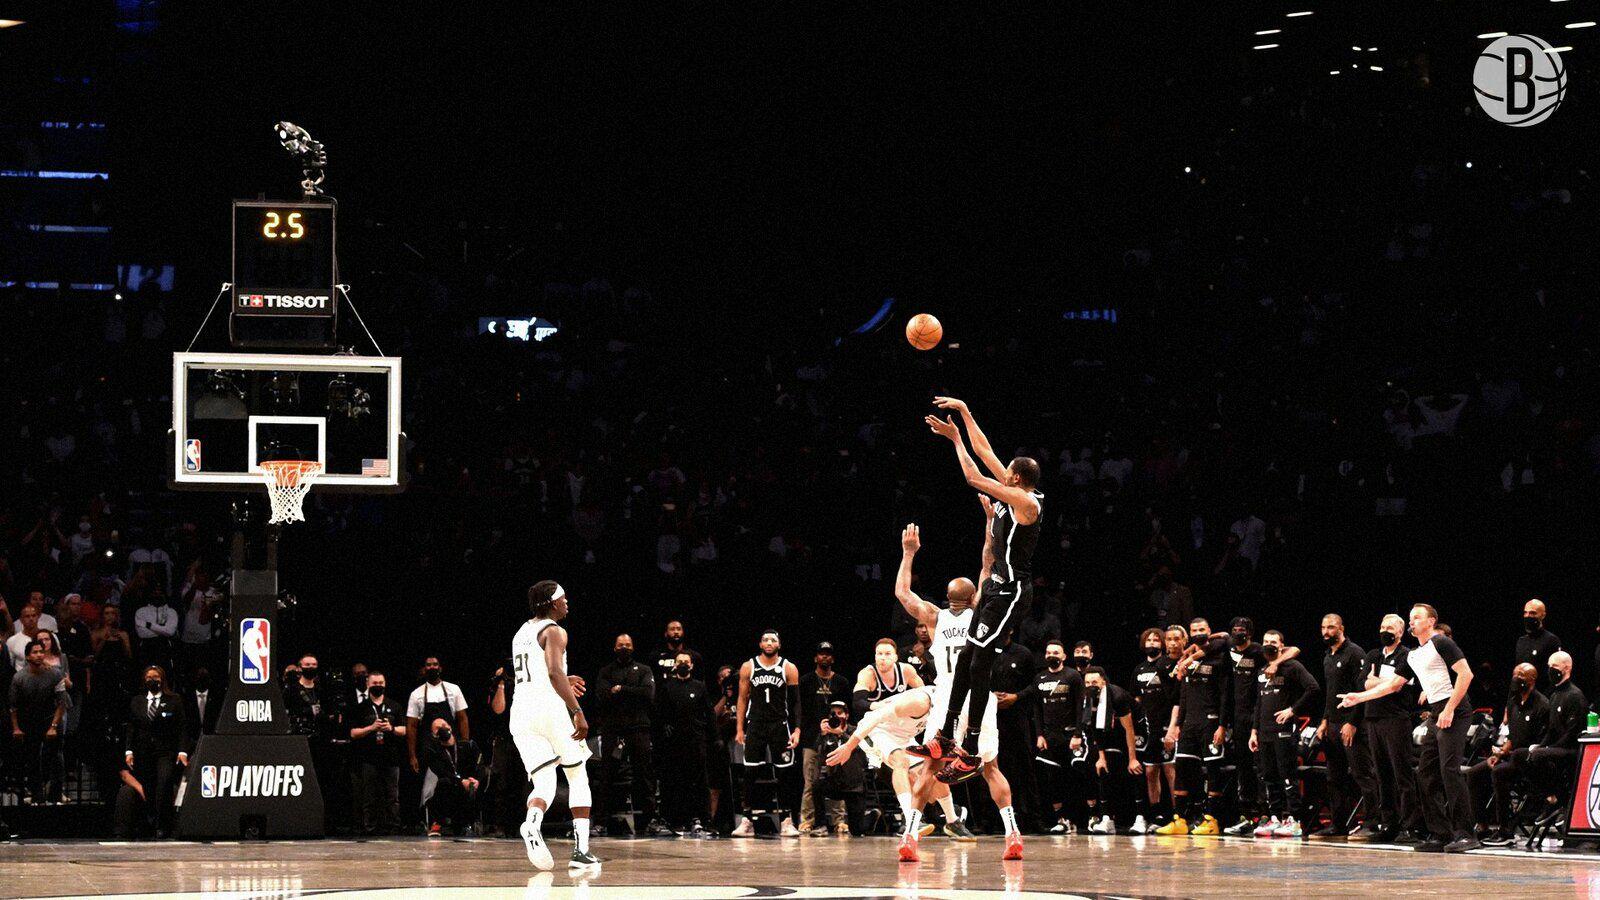 L'énorme shoot de Kevin Durant à 2 secondes du buzzer qui aurait pu envoyer Brooklyn en finale de conférence si sa chaussure n'avait pas mordue la ligne